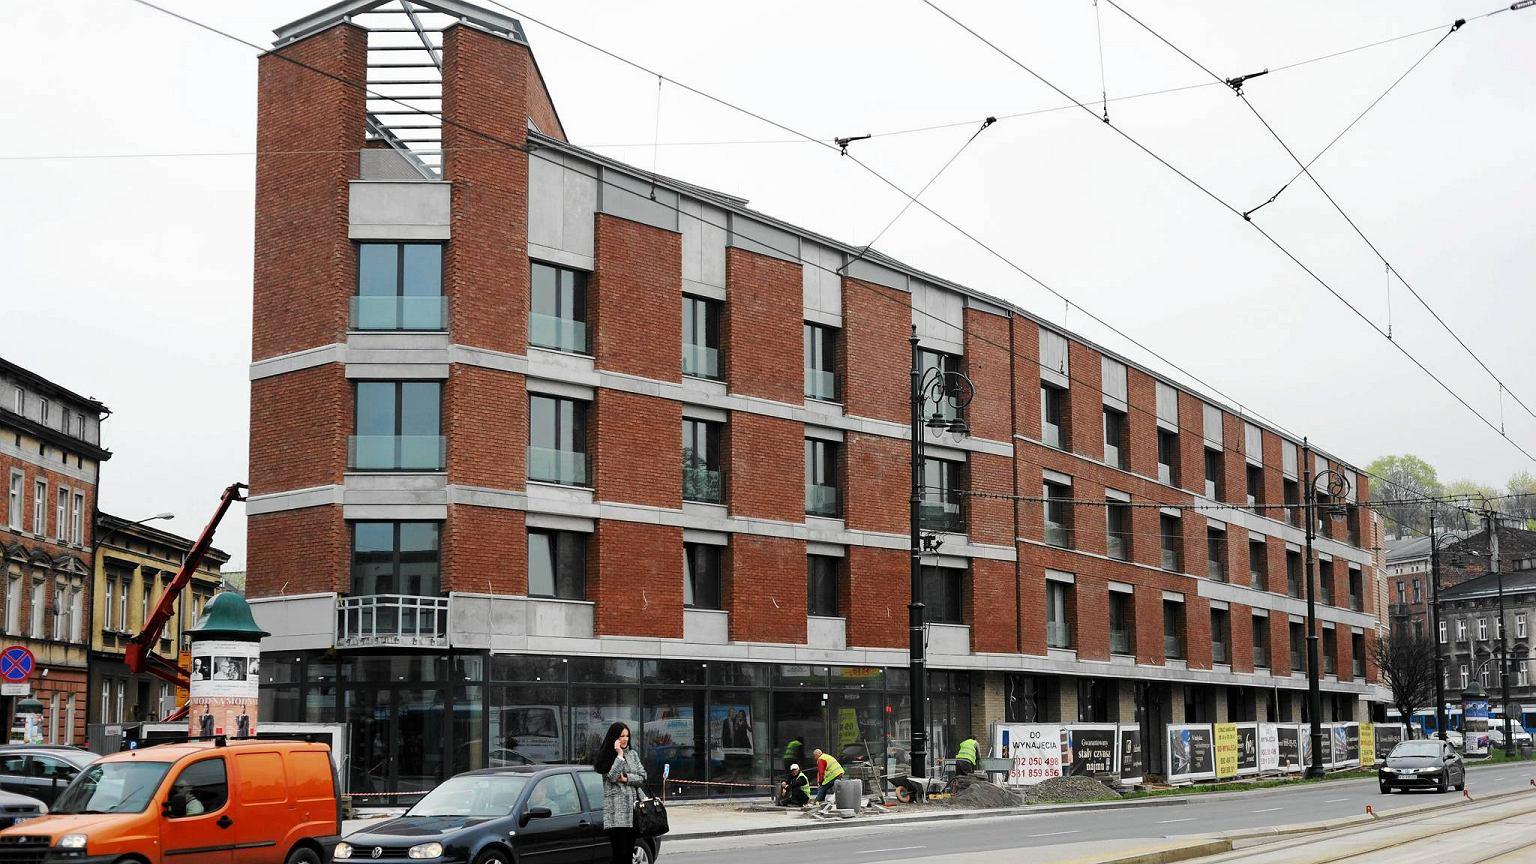 Nowe budynki przy placu bohater w getta zdj cia for Appart hotel 33